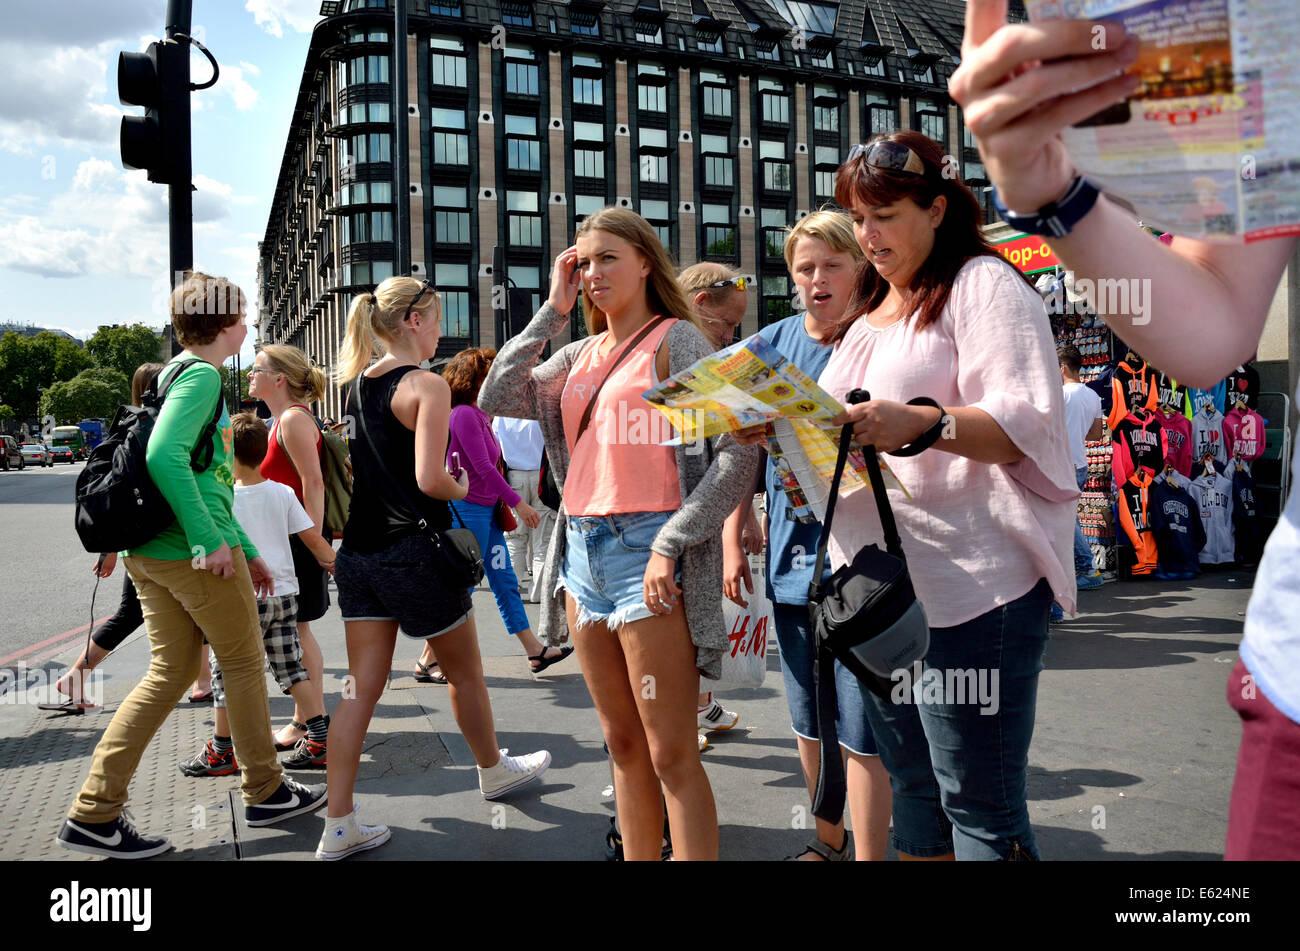 Londres, Inglaterra, Reino Unido. Familia mirando un mapa en Westminster Bridge - Portcullis House detrás Imagen De Stock